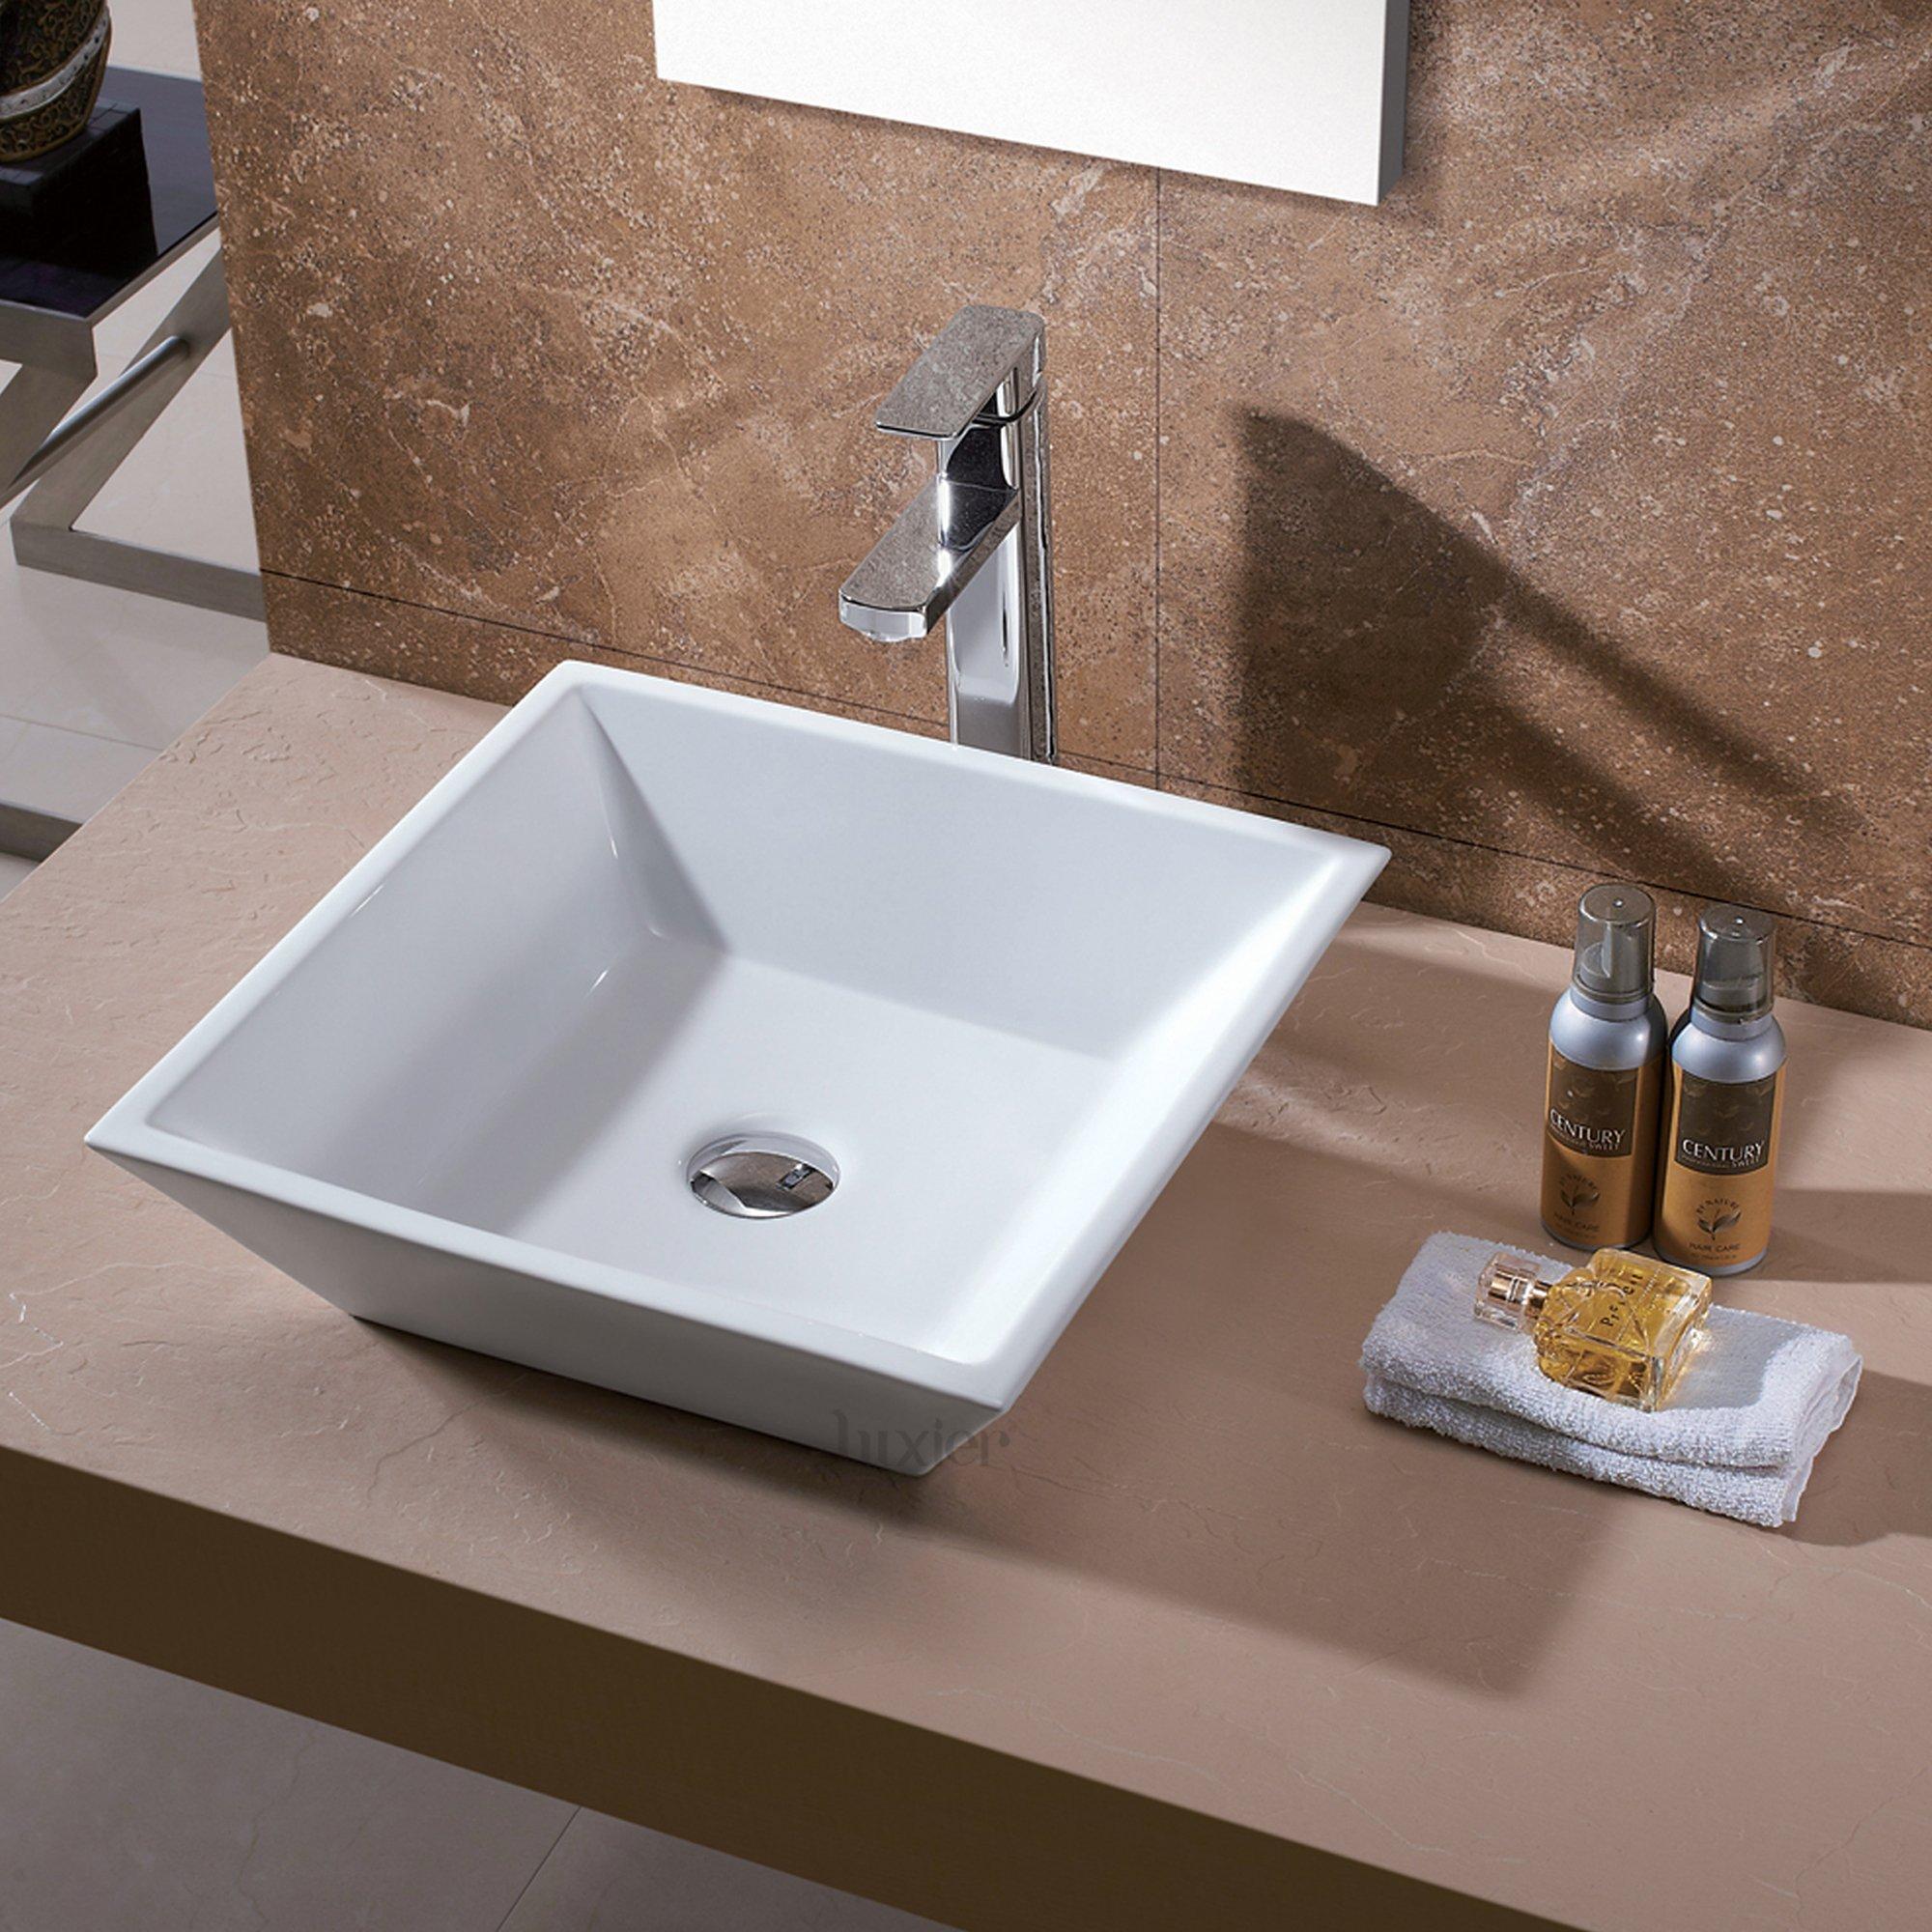 Luxier CS-006 Bathroom Porcelain Ceramic Vessel Vanity Sink Art Basin by Luxier